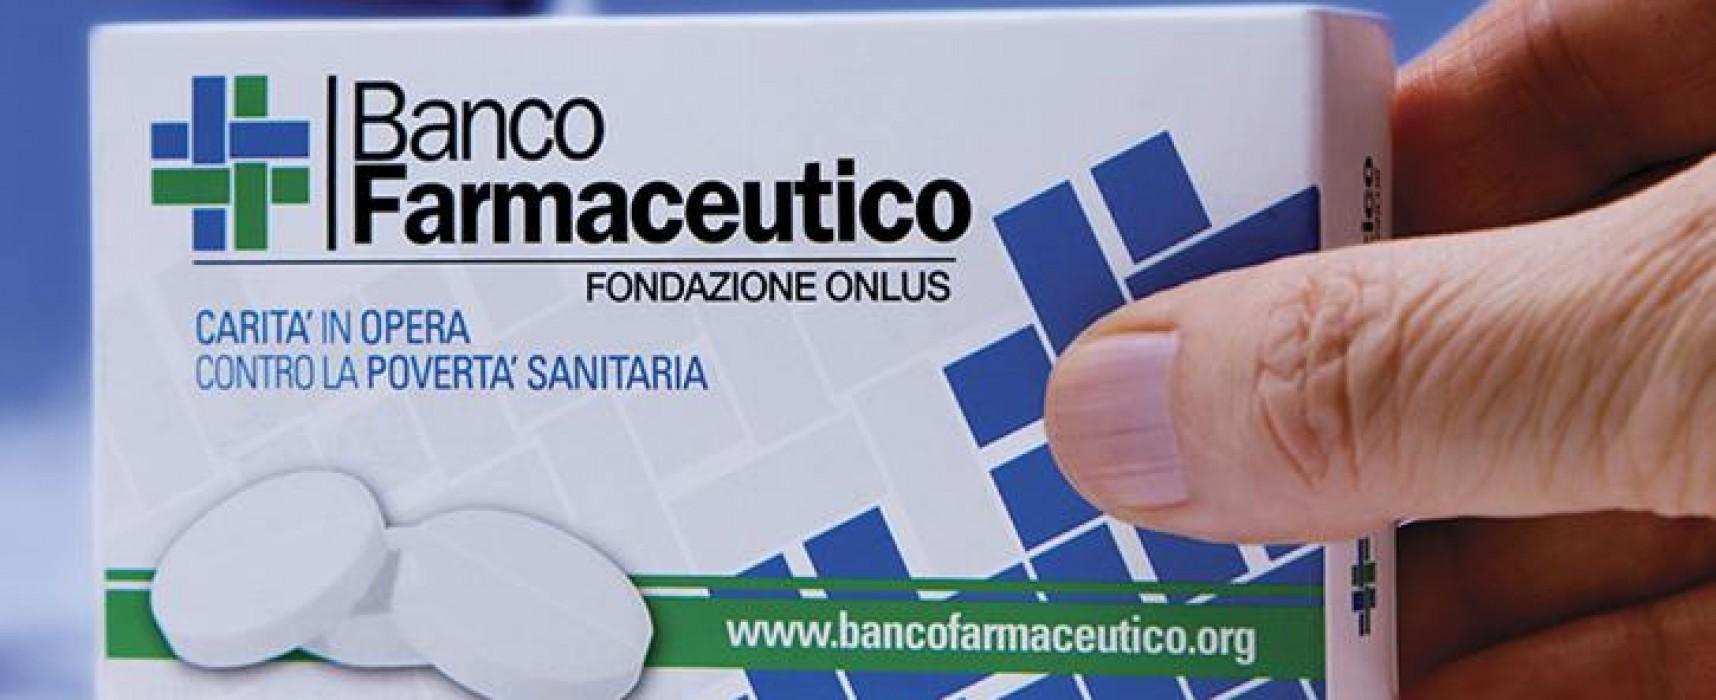 Banco Farmaceutico 2016, quattro farmacie biscegliesi coinvolte nell'iniziativa / VIDEO